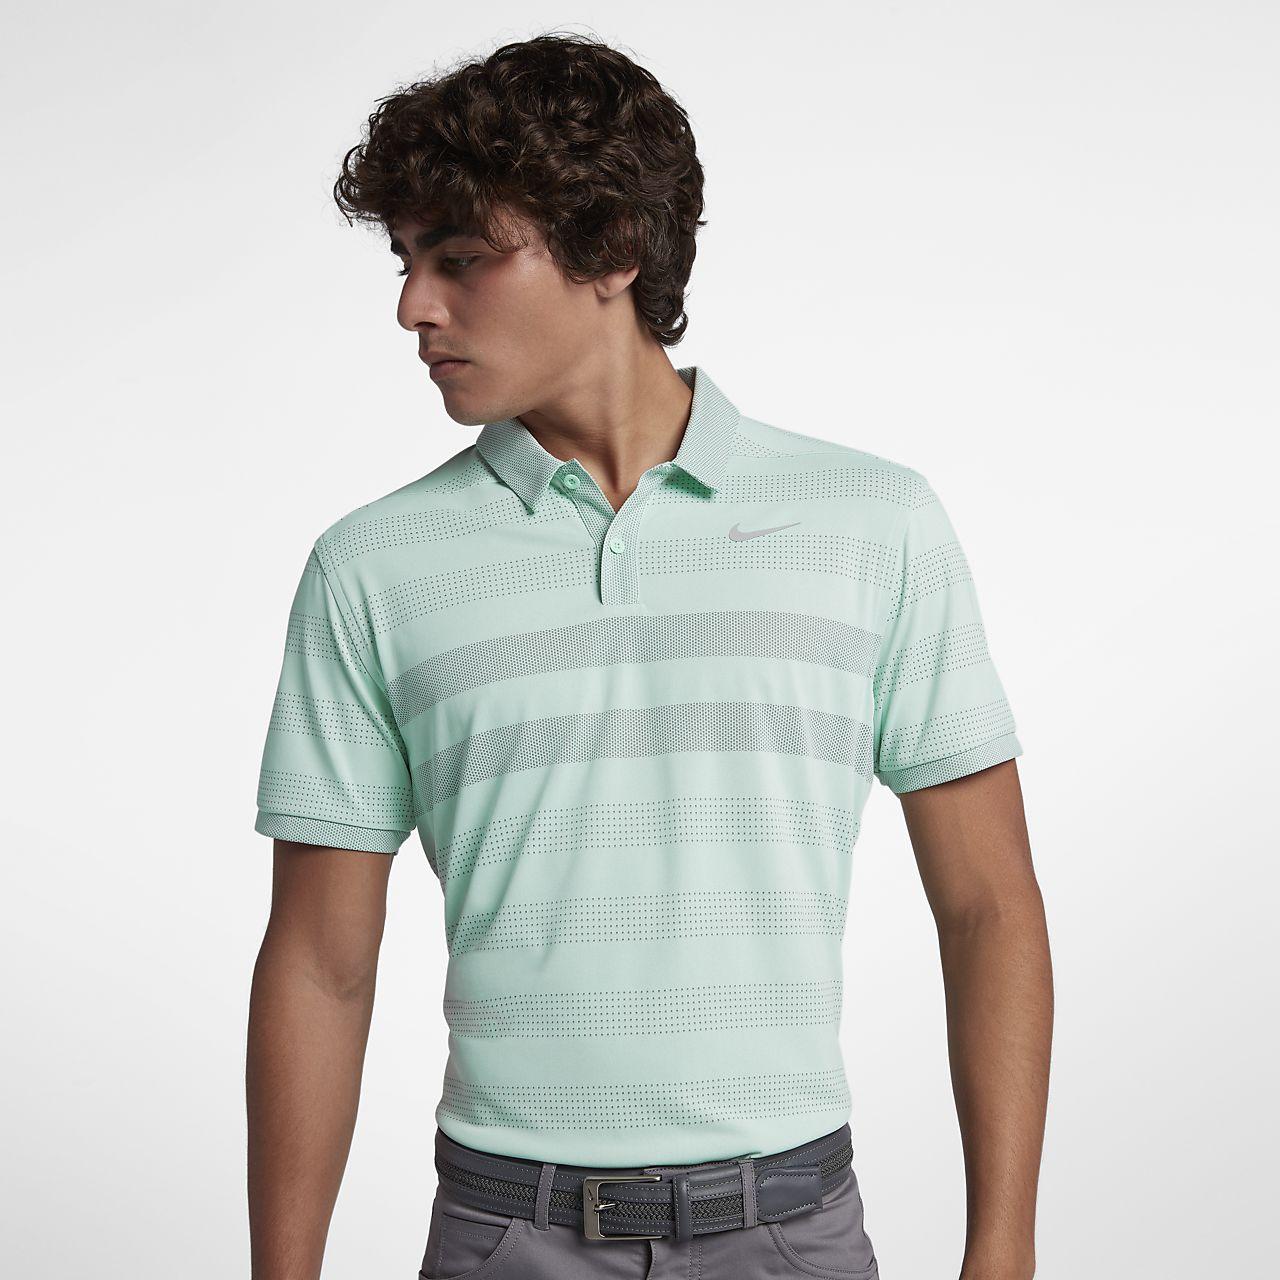 Мужская рубашка-поло в полоску для гольфа Nike TechKnit Cool